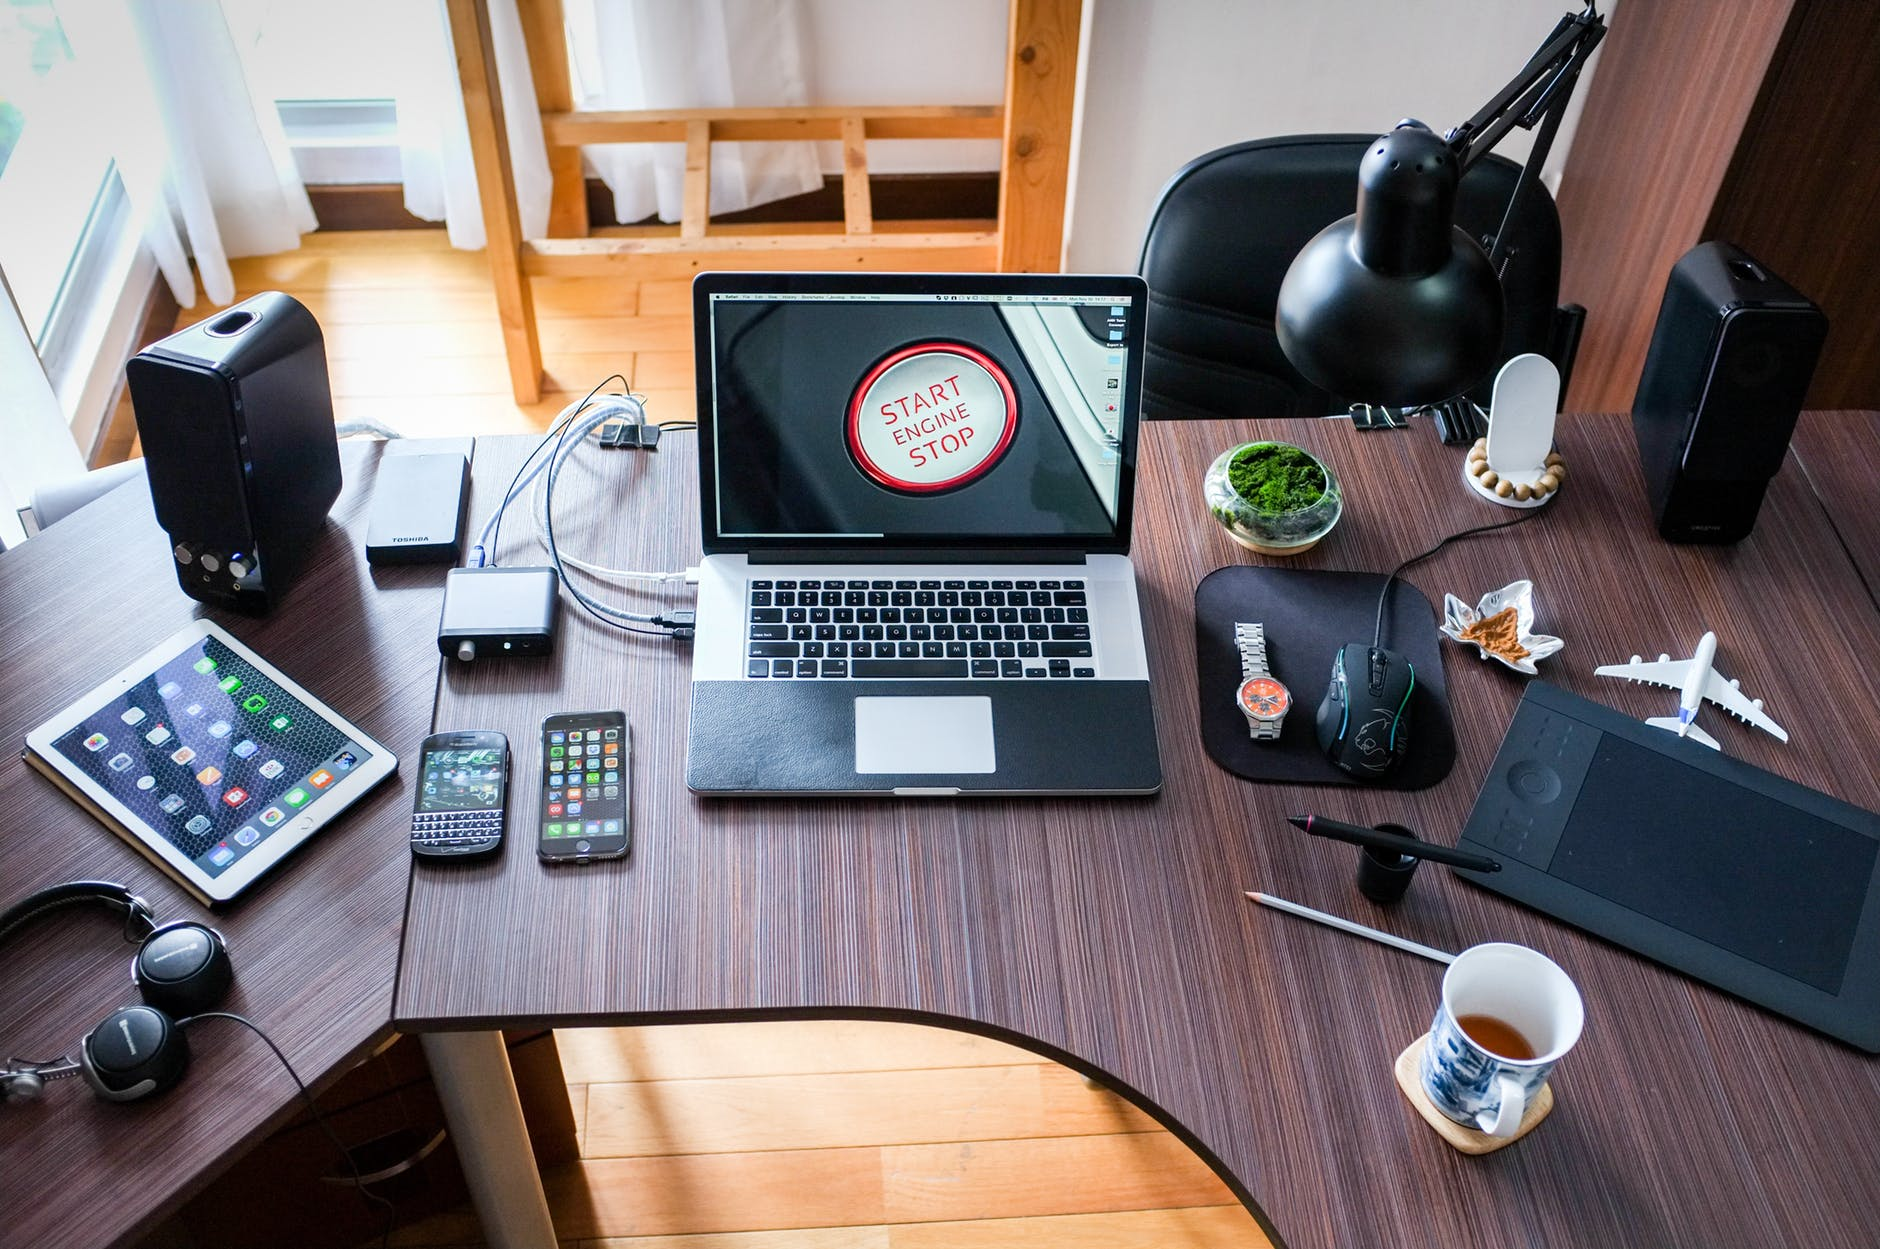 Les principaux inconvénients du high-tech dans la vie quotidienne